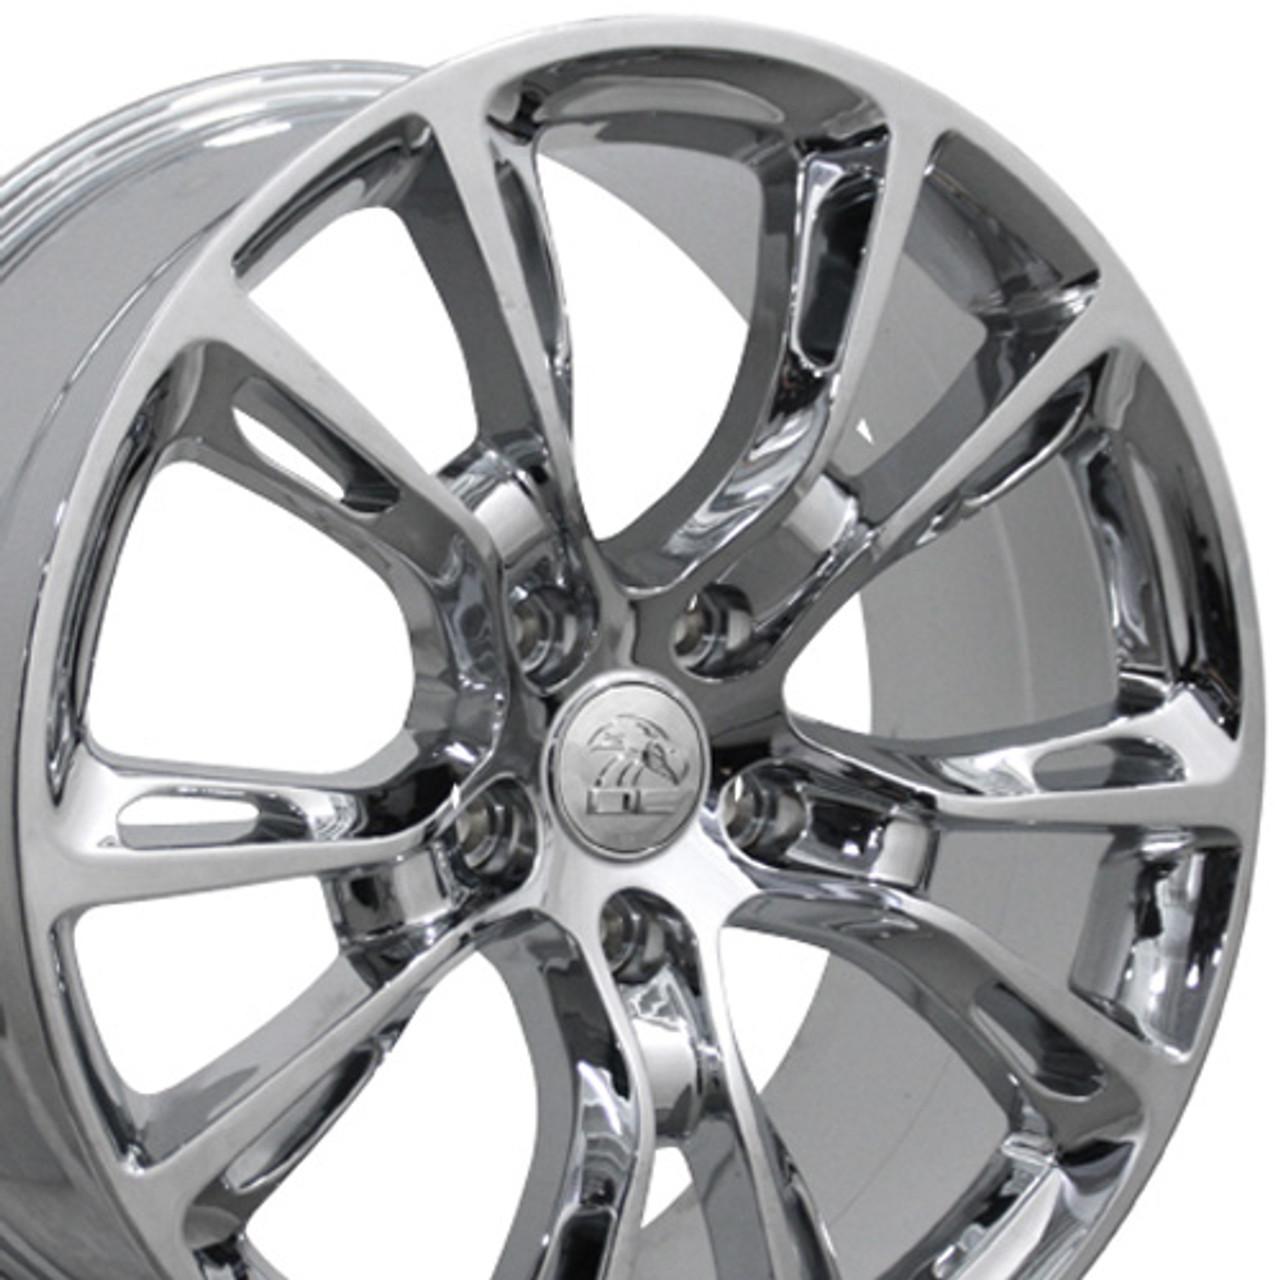 Wheels For Chrysler 20 Fits Jeep Grand Cherokee Srt8 Wheel Chrome 20x8 5